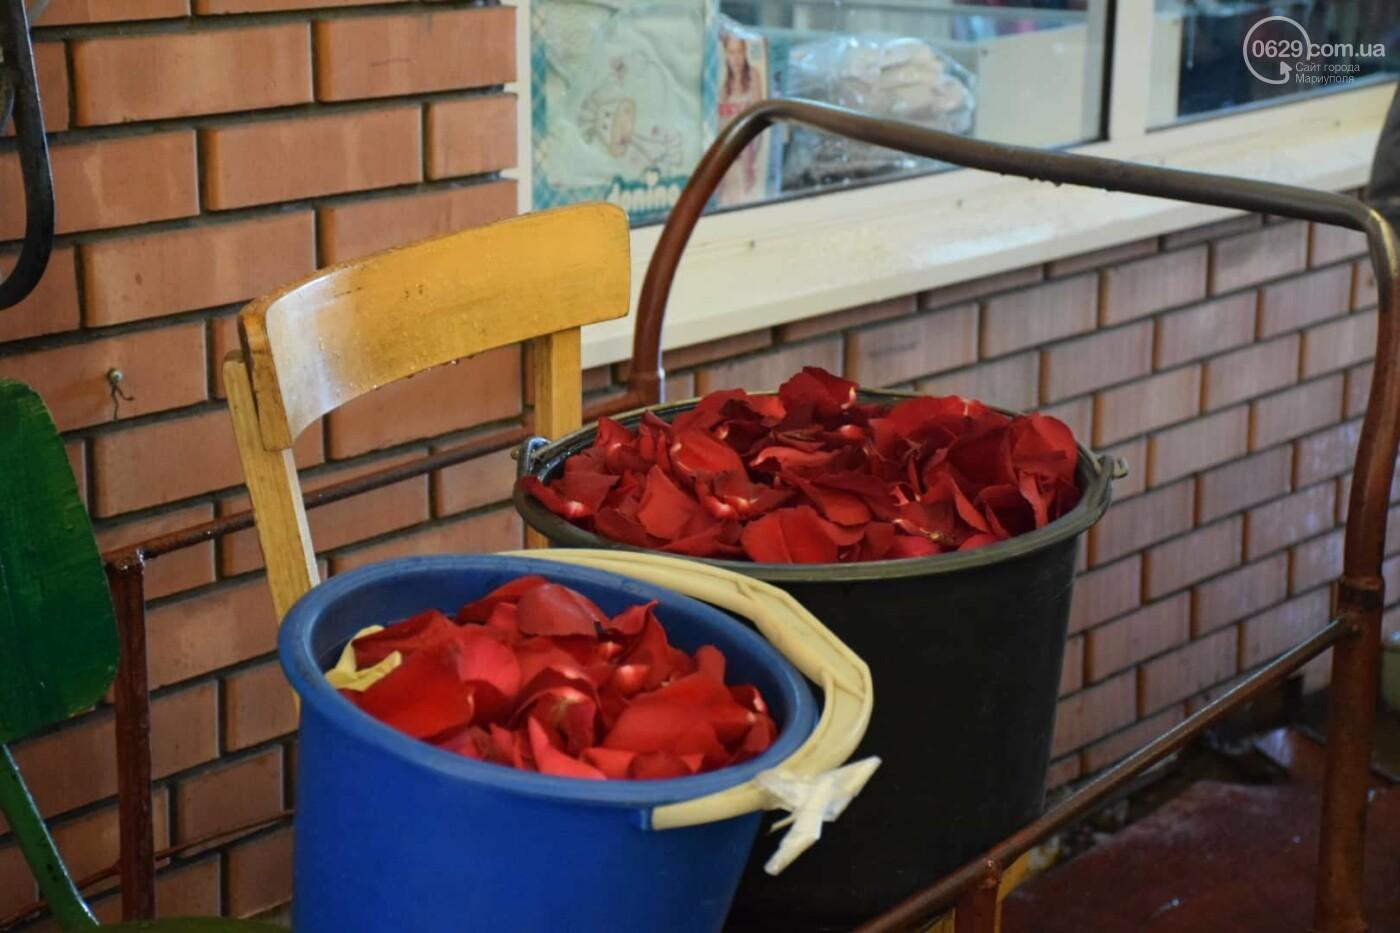 День Святого Валентина в Мариуполе: цветы, шары и мужчины-романтики, - ФОТОРЕПОРТАЖ, фото-18